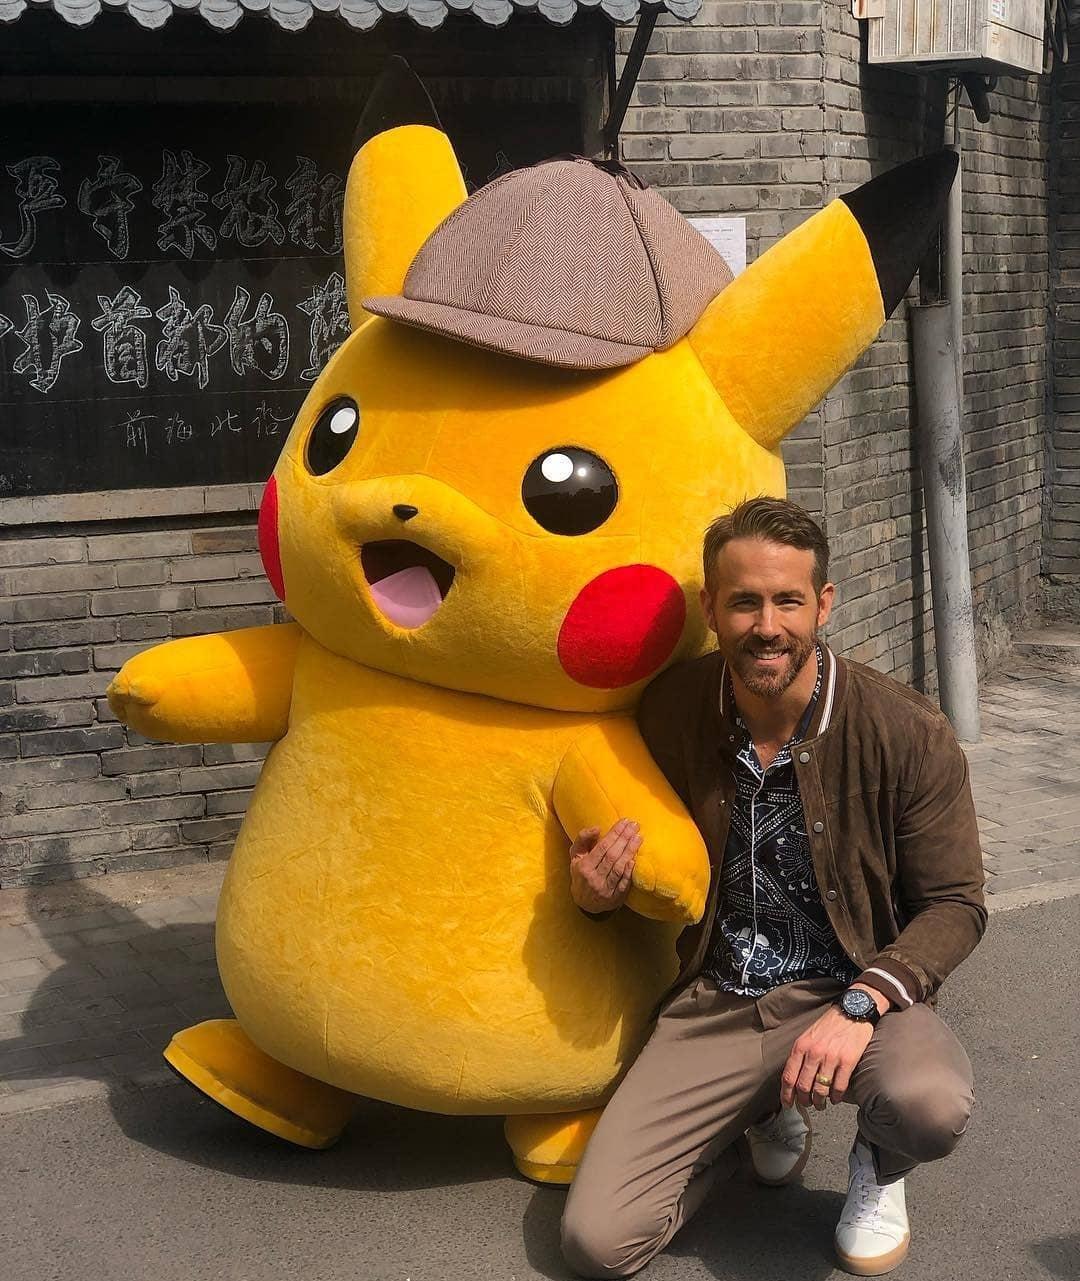 Photo of El film 'Detective Pikachu' sigue dando buena impresión